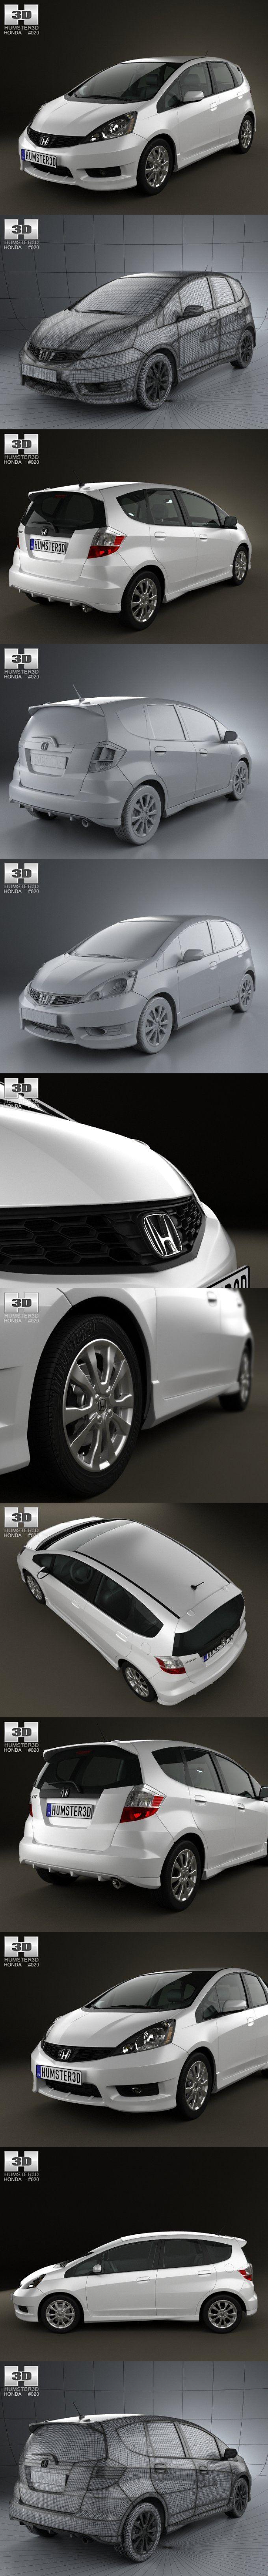 Honda Fit Sport 2012. 3D Vehicles